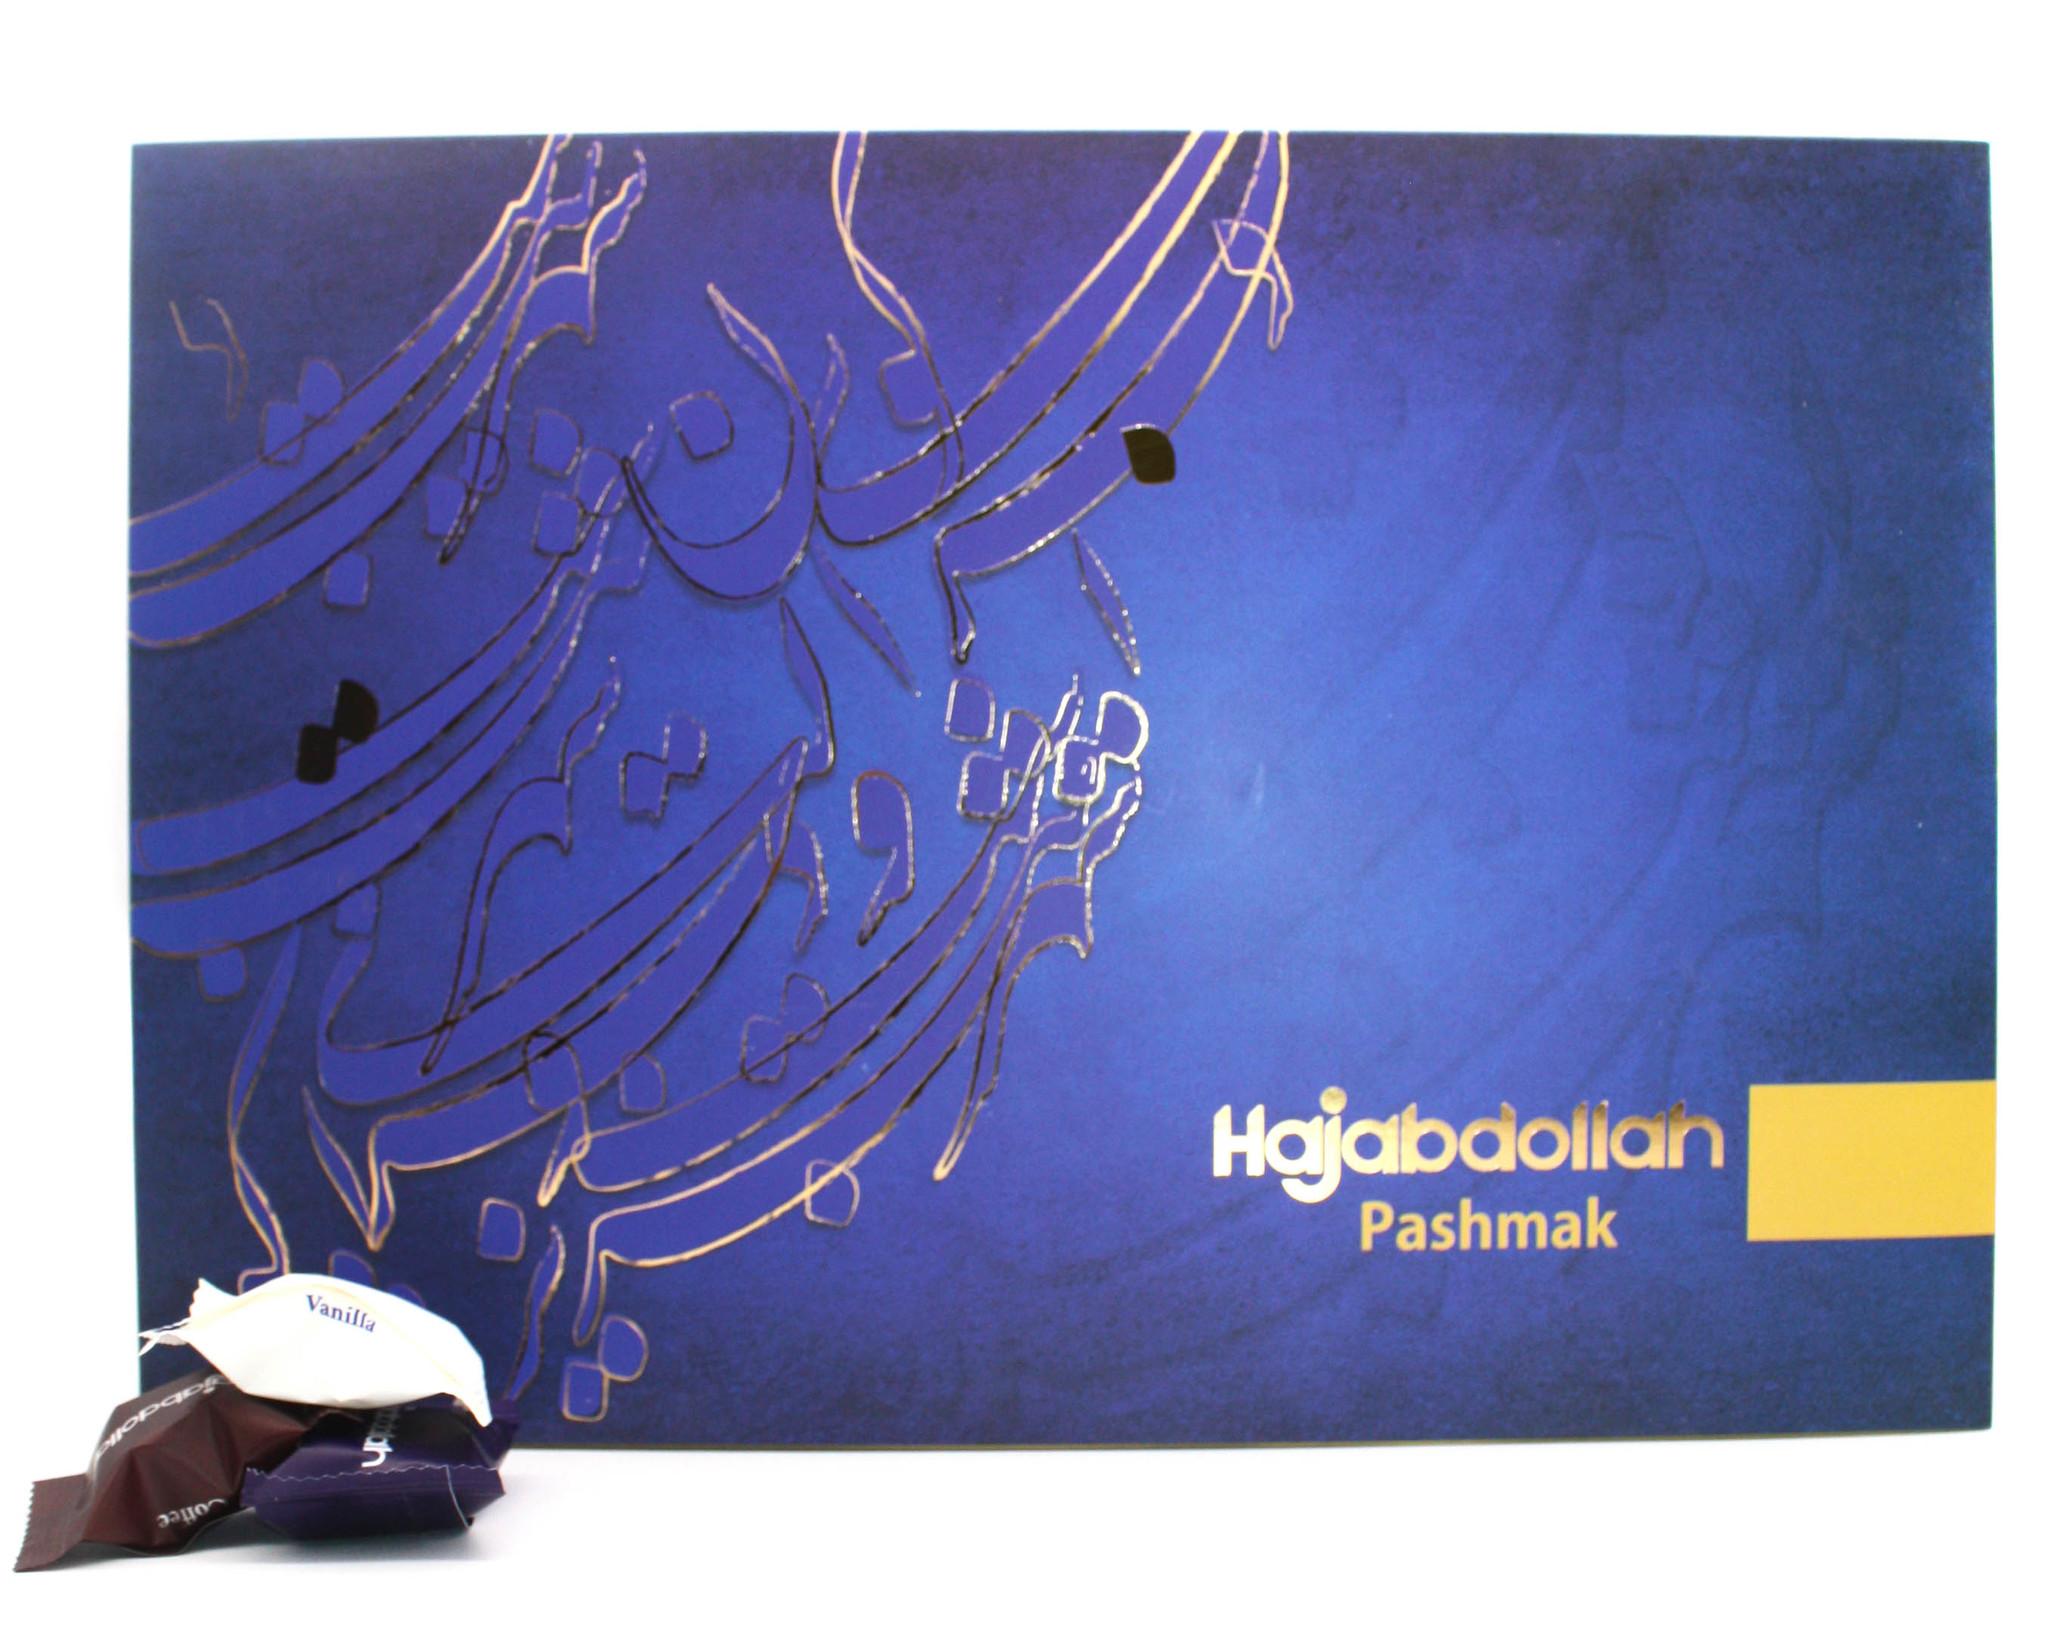 """Ассорти пишмание в подарочной упаковке """"Каллиграфия"""", Hajabdollah, 300 г import_files_a2_a2b1acacf24f11e8a9a1484d7ecee297_0dfb203df79511e8a9a1484d7ecee297.jpg"""